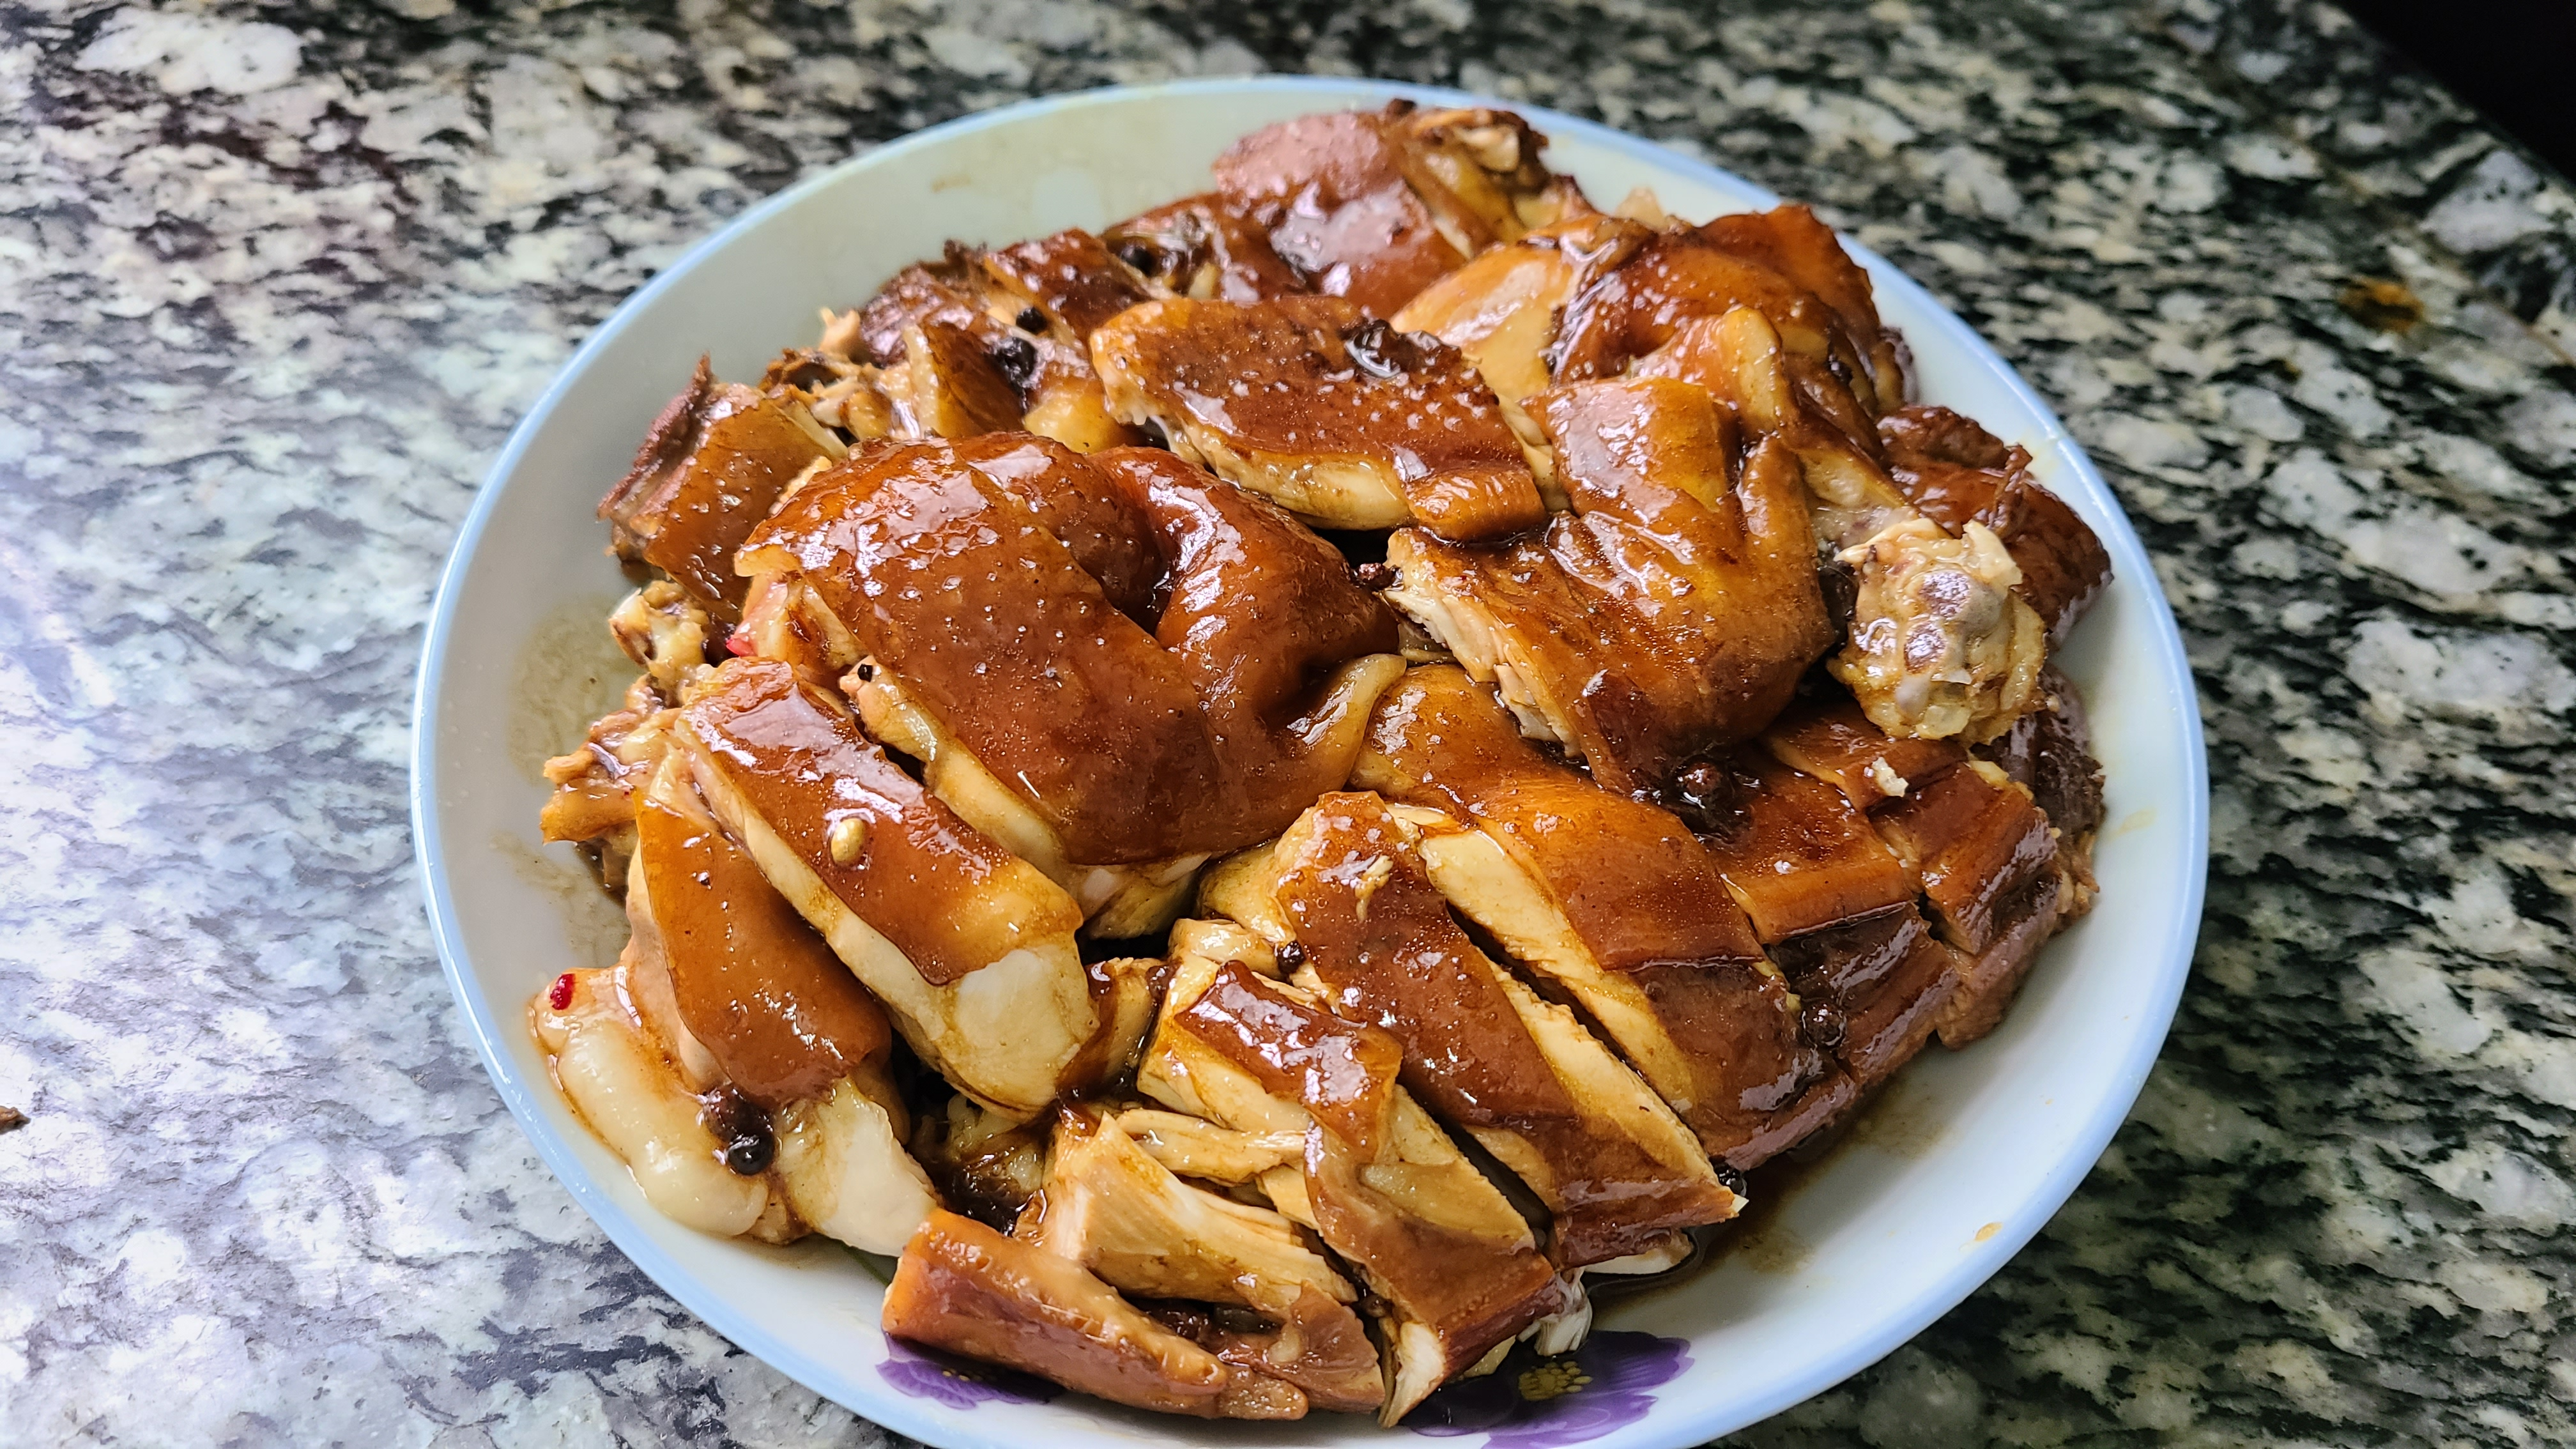 过年鸡肉这样做更香,简单做法又好吃,味道浓香又好看 美食做法 第1张